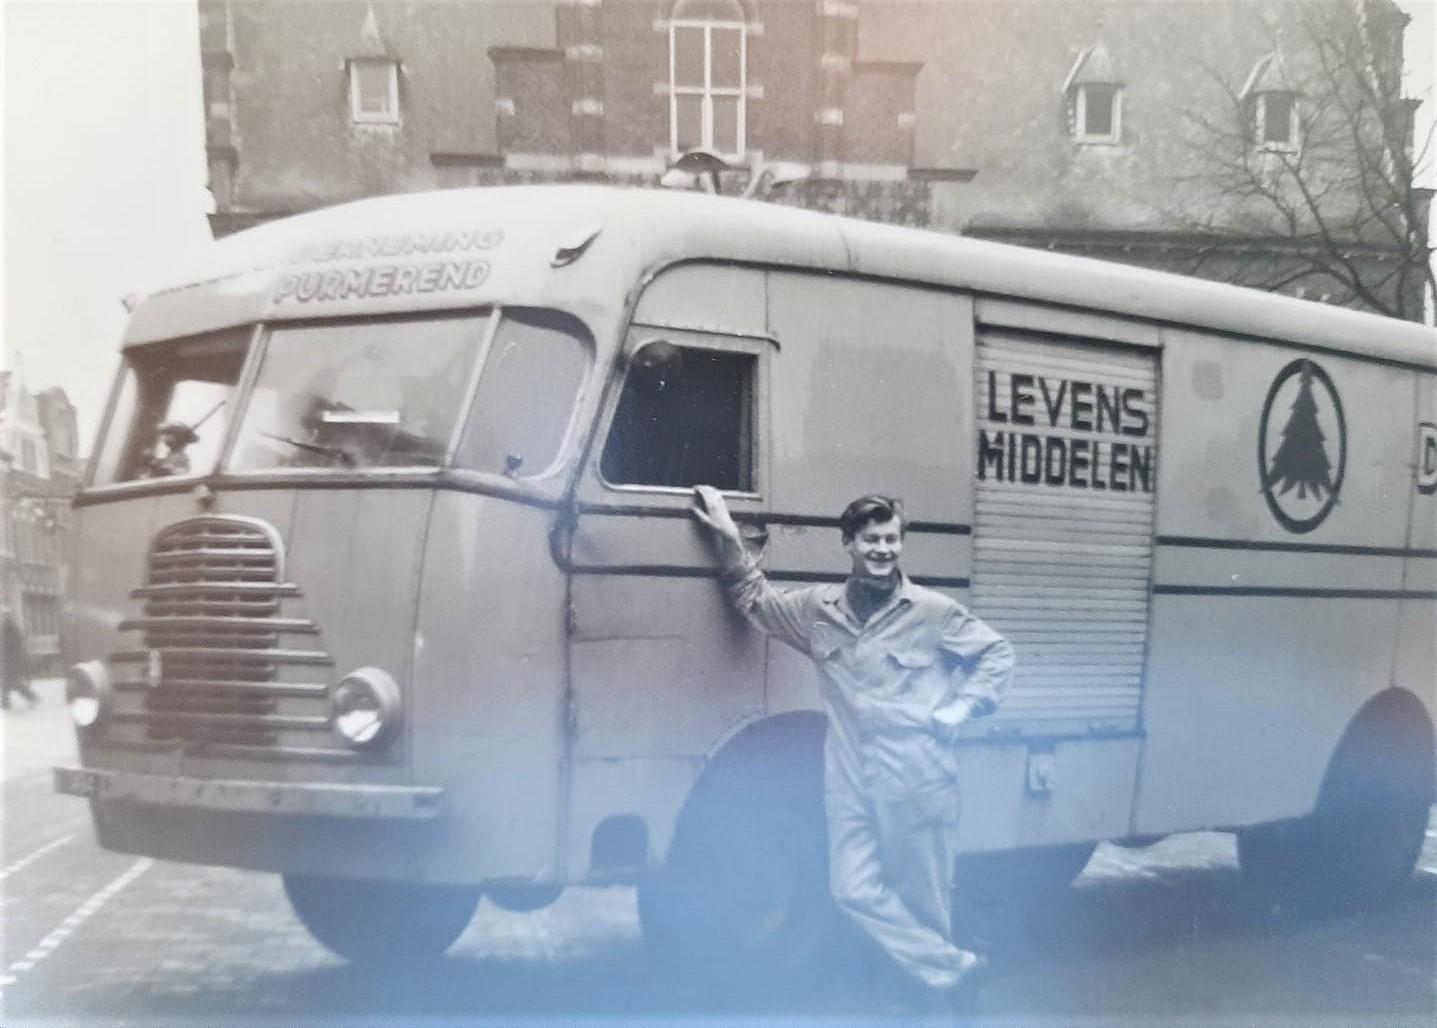 Arjan-Struving--Mijn-vader-eind-jaren-50-op-de-markt-in-Purmerend--Omgebouwde-Kromhout-de-bus-voor-bevoorrading-van-de-Spar